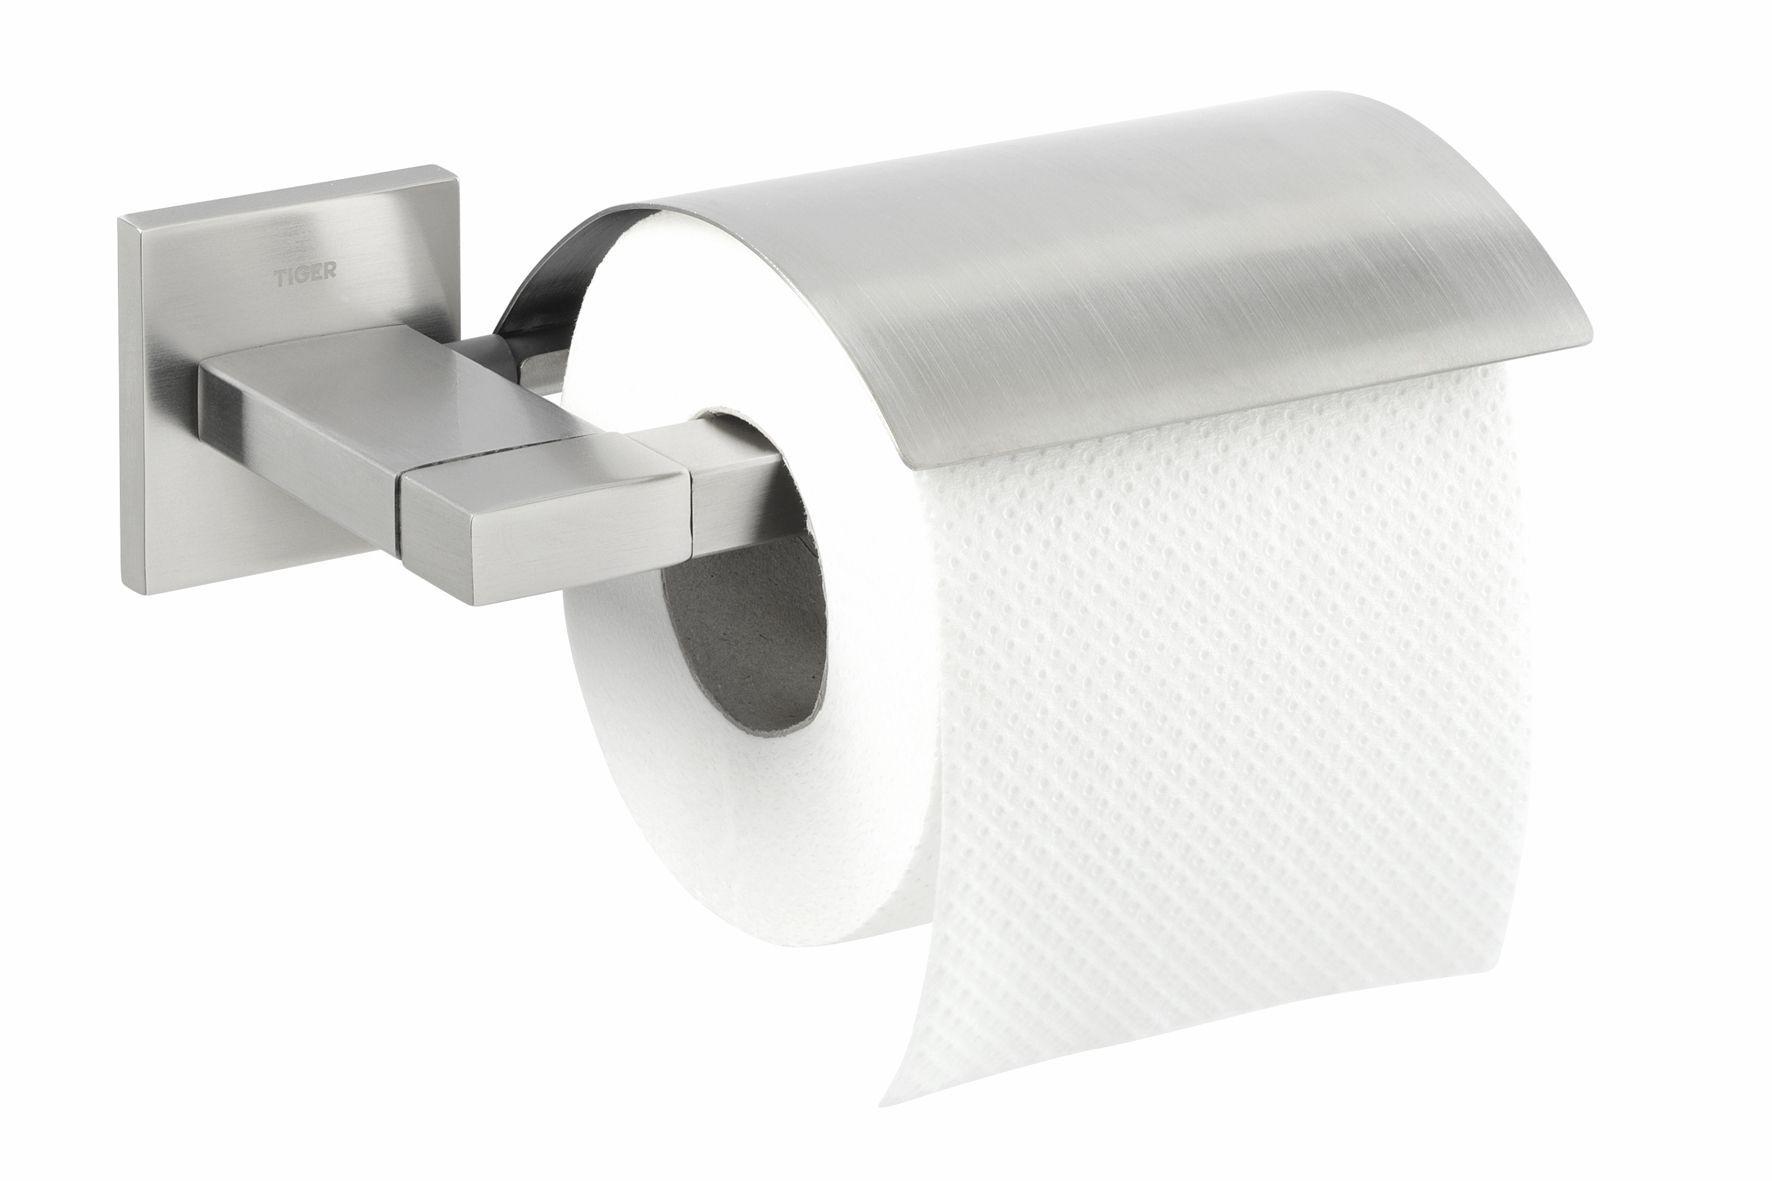 Tiger Items toiletrolhouder met klep RVS